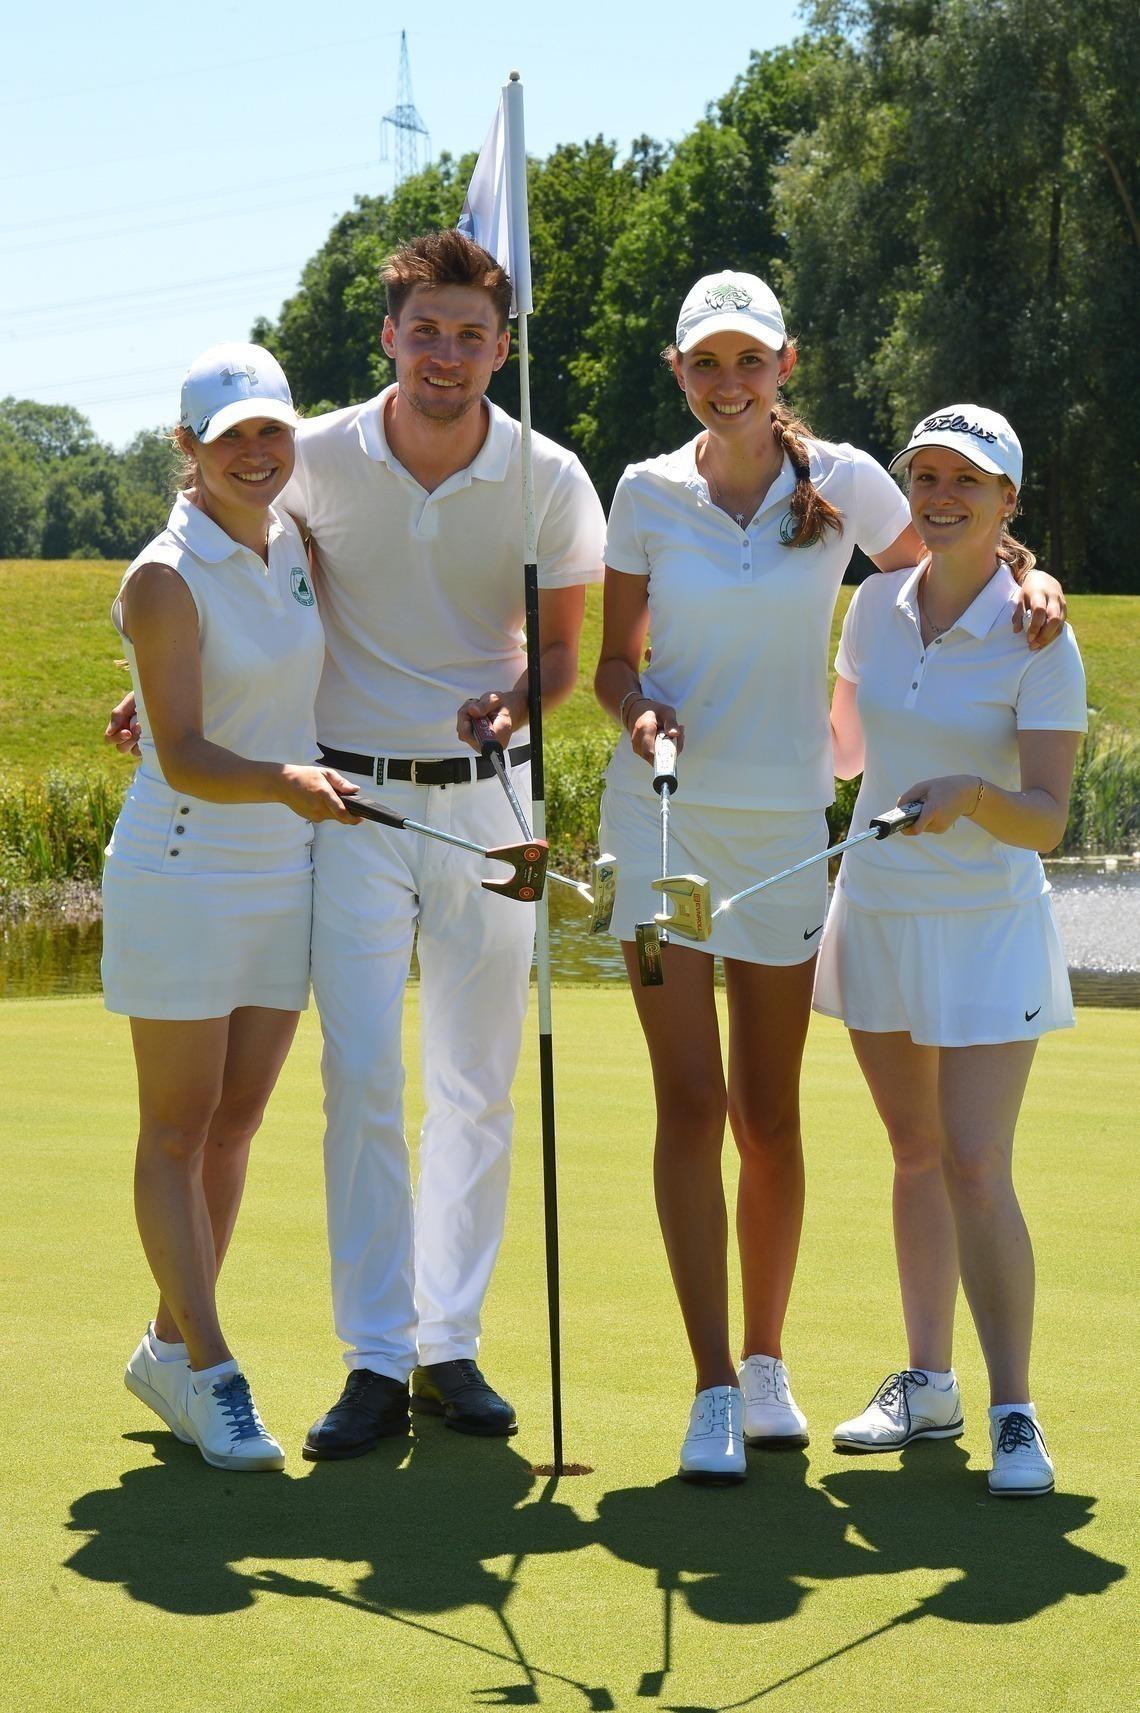 Sieger-Flight: A-Klasse-Siegerin Isabel Jensch mit Max Christian Axhausen, Bruttosiegerin Nathalie Irlbacher und Marlene Resch, 2. der Klasse A